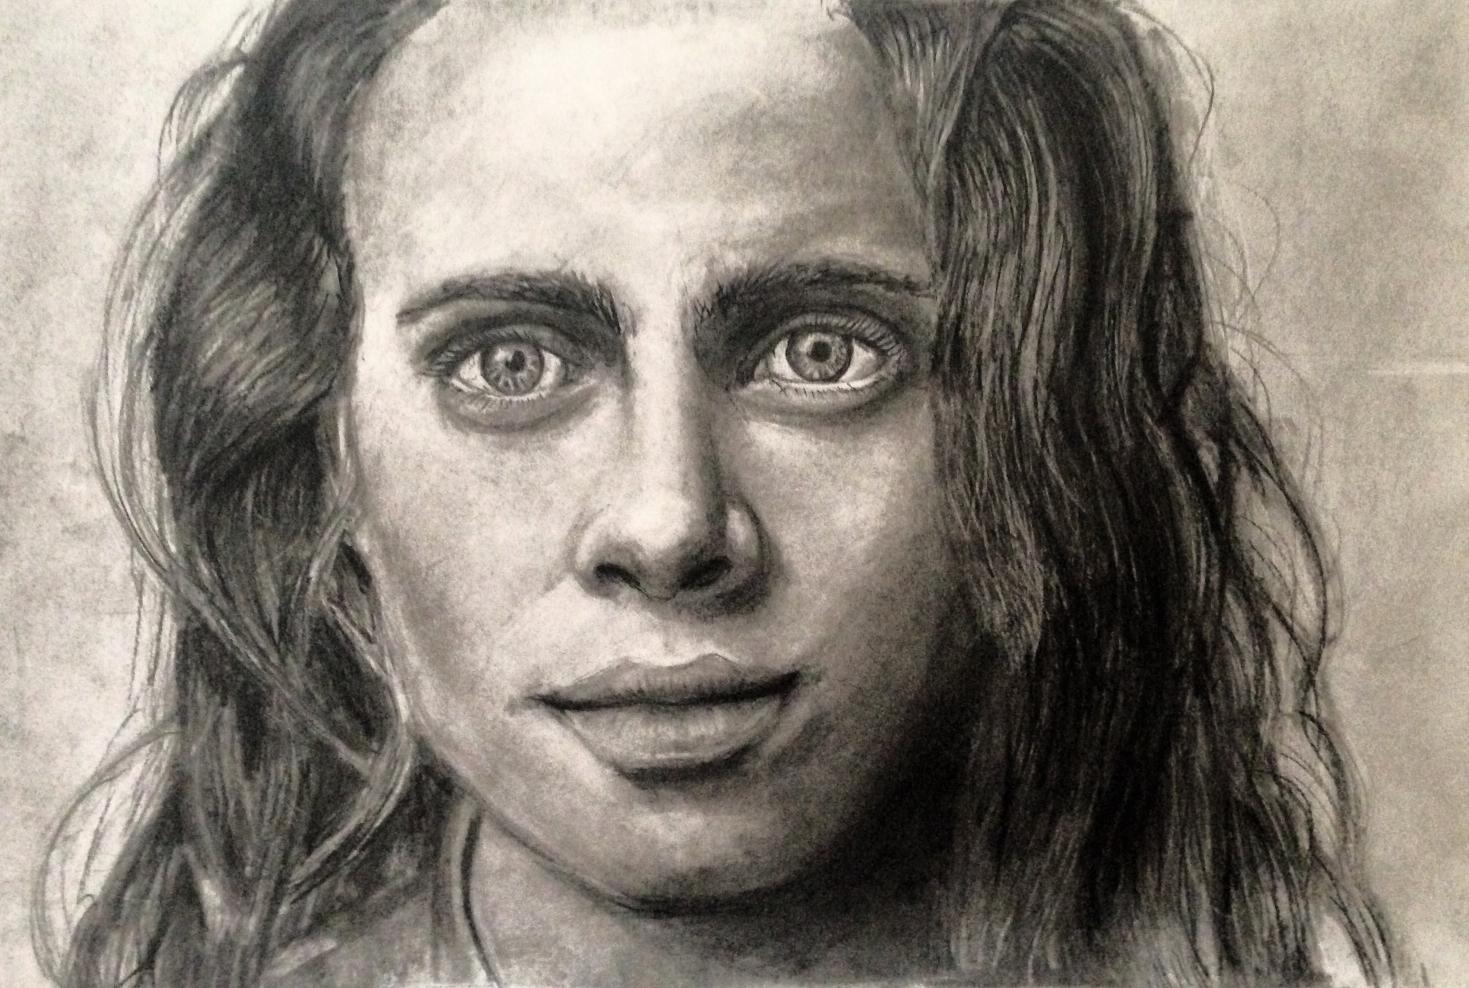 Self Portrait (Charcoal pencil), 2015